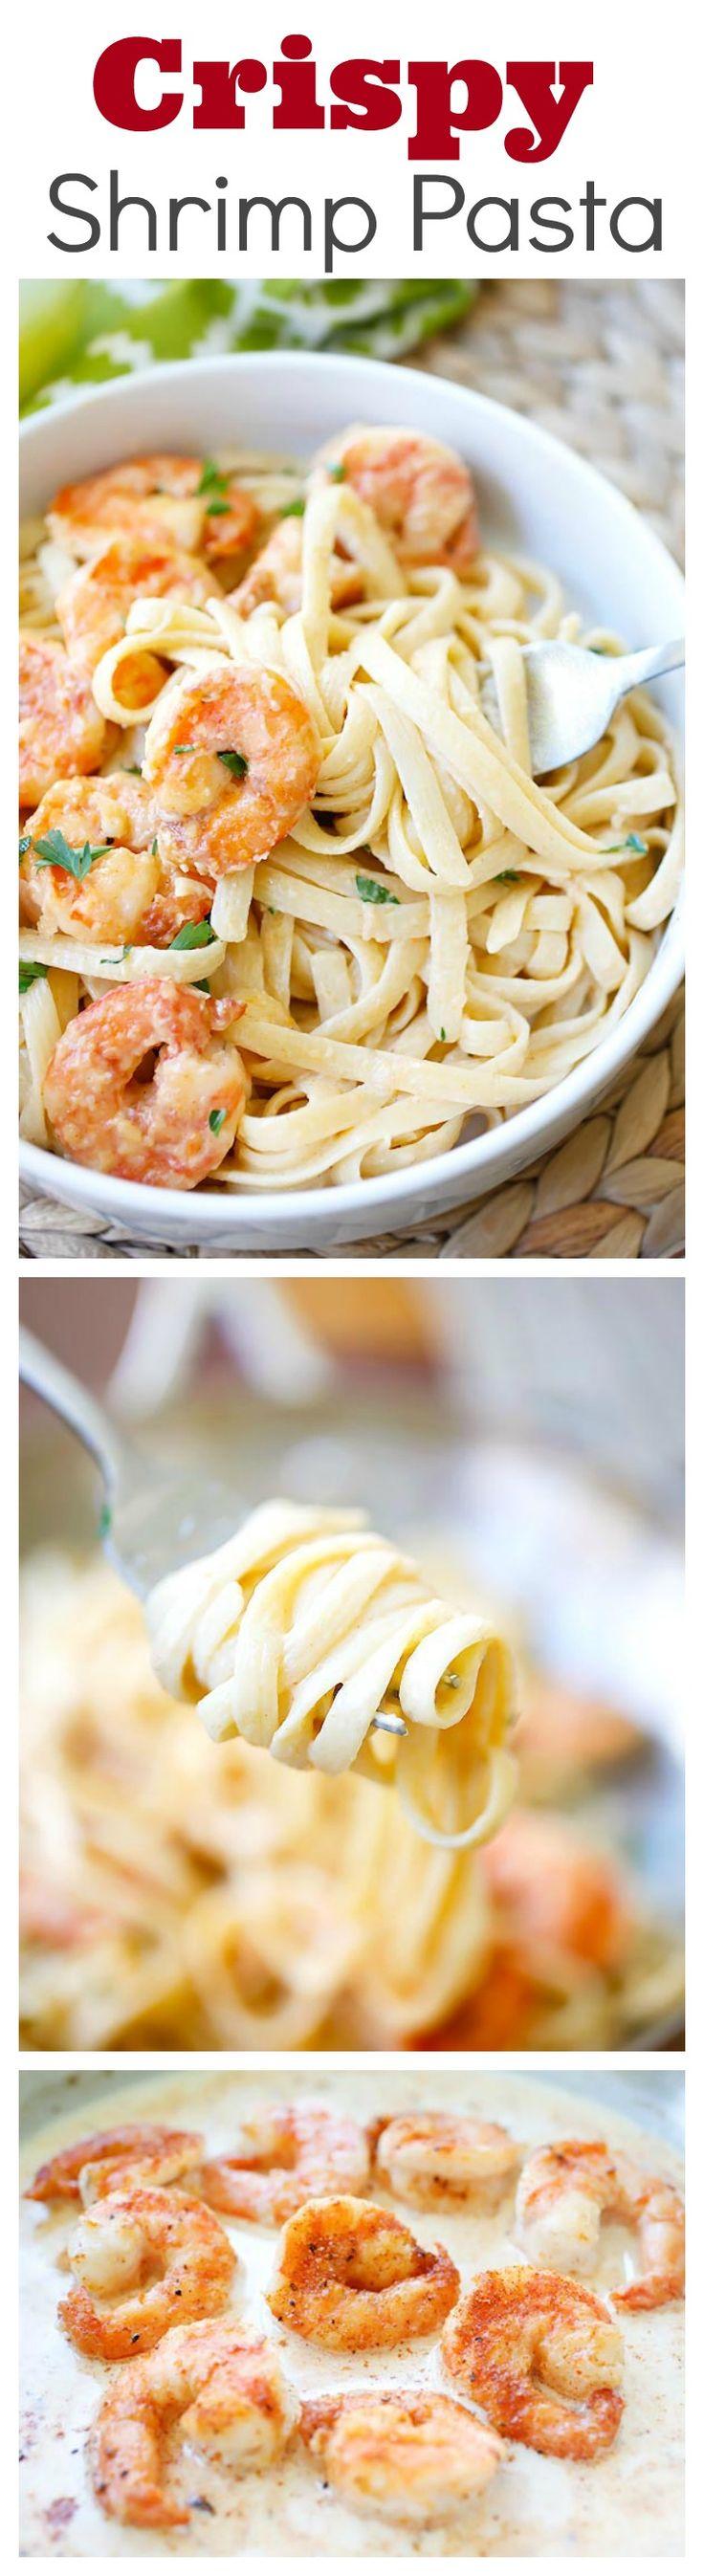 Crispy shrimp pasta – the best shrimp pasta ever with rich creamy sauce and cajun-seasoned crispy fried shrimp   rasamalaysia.com   @kevinandamanda